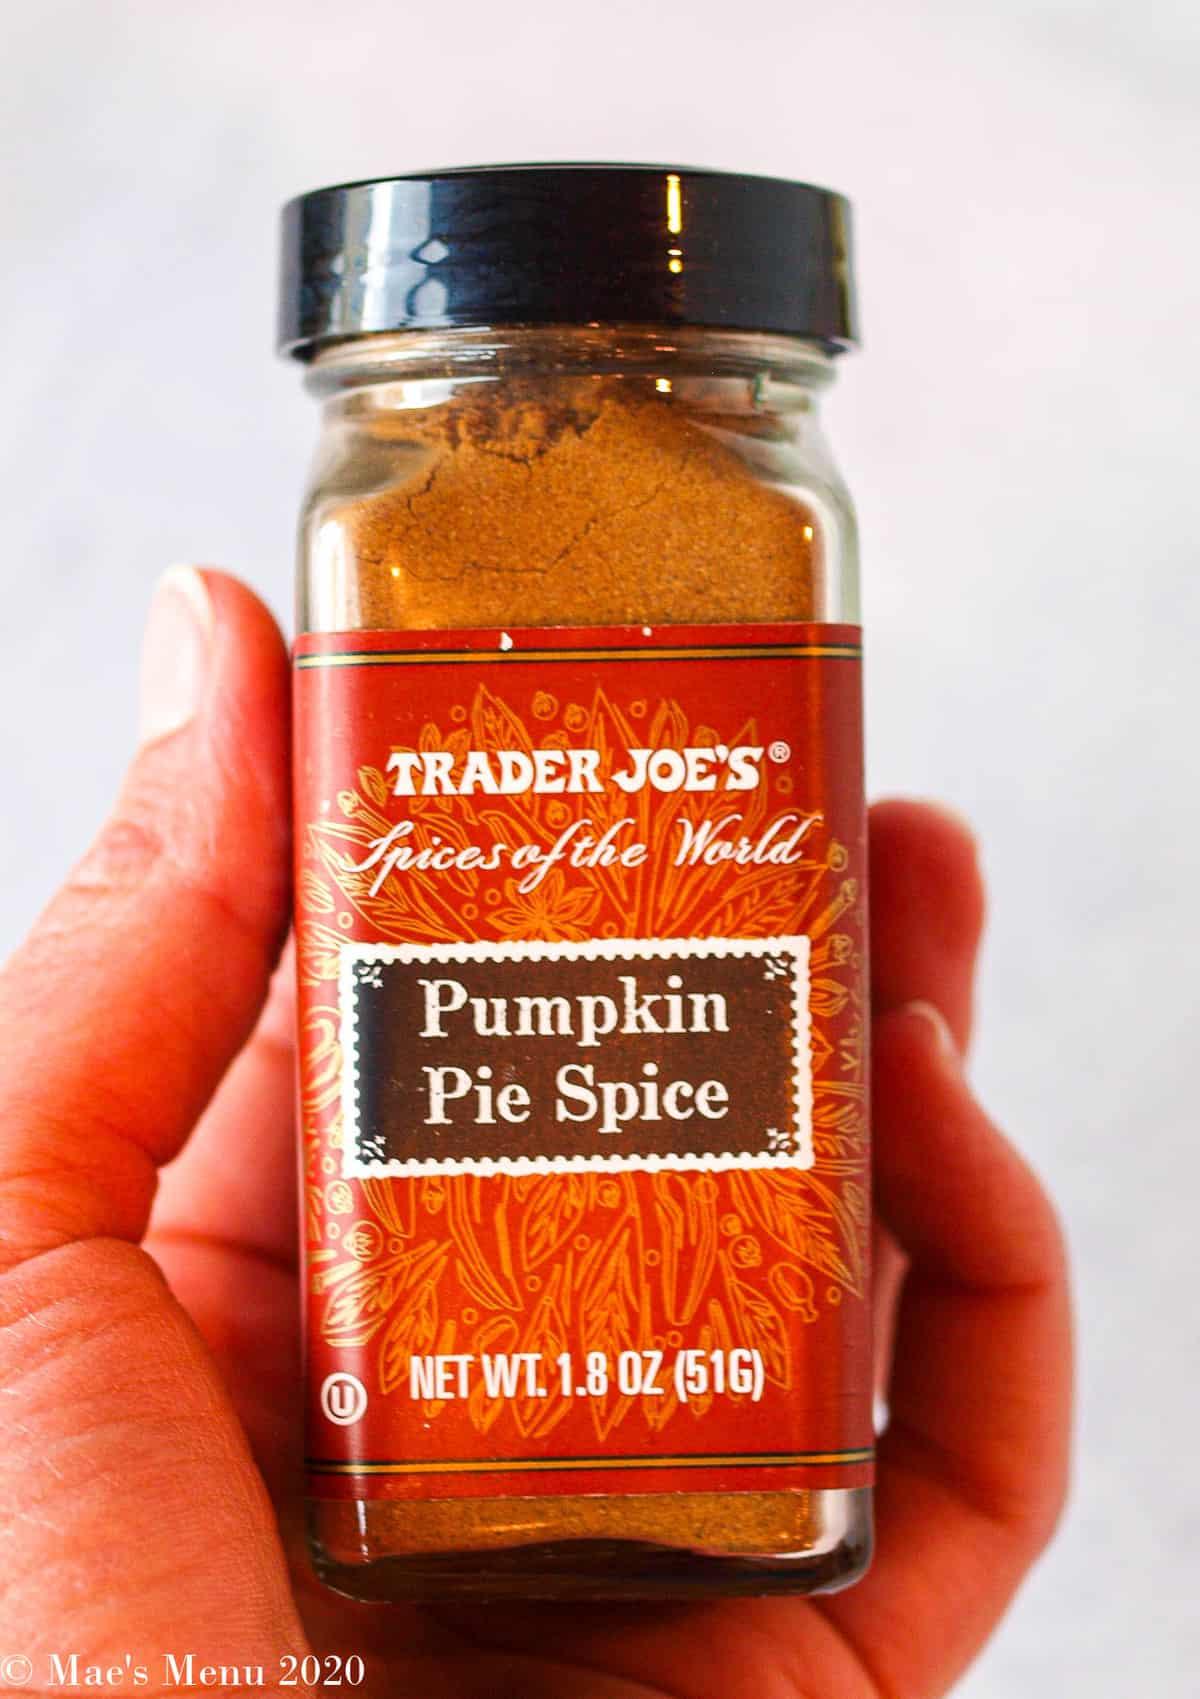 An upclose shot of a hand holding trader joe's pumpkin pie spice